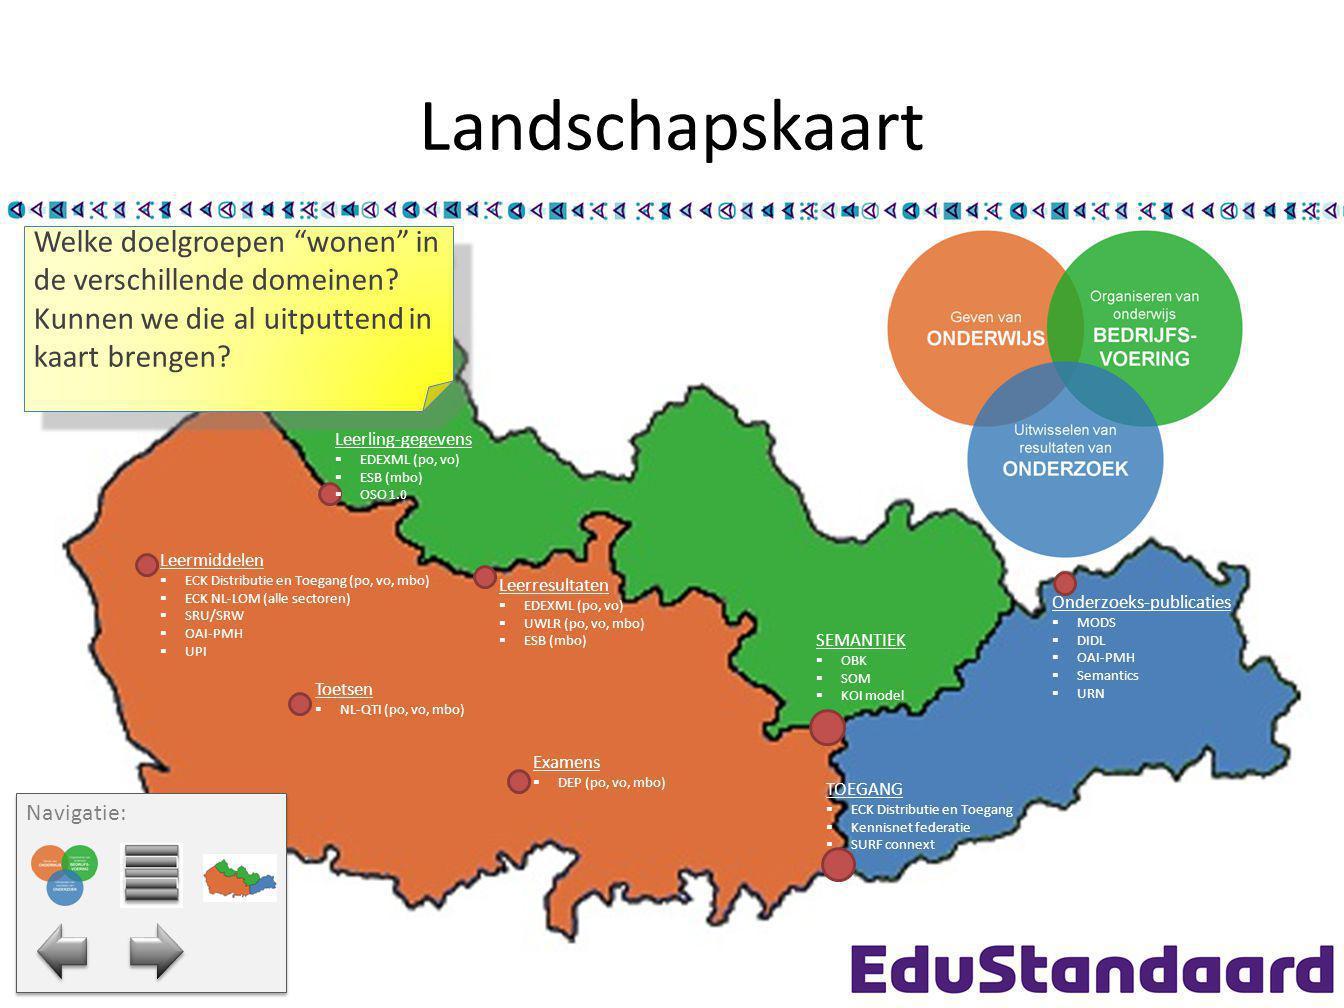 Architectuurraad Startdocument architectuurraad. Intake en beheer proces. Ontwikkelen overstijgende principes.